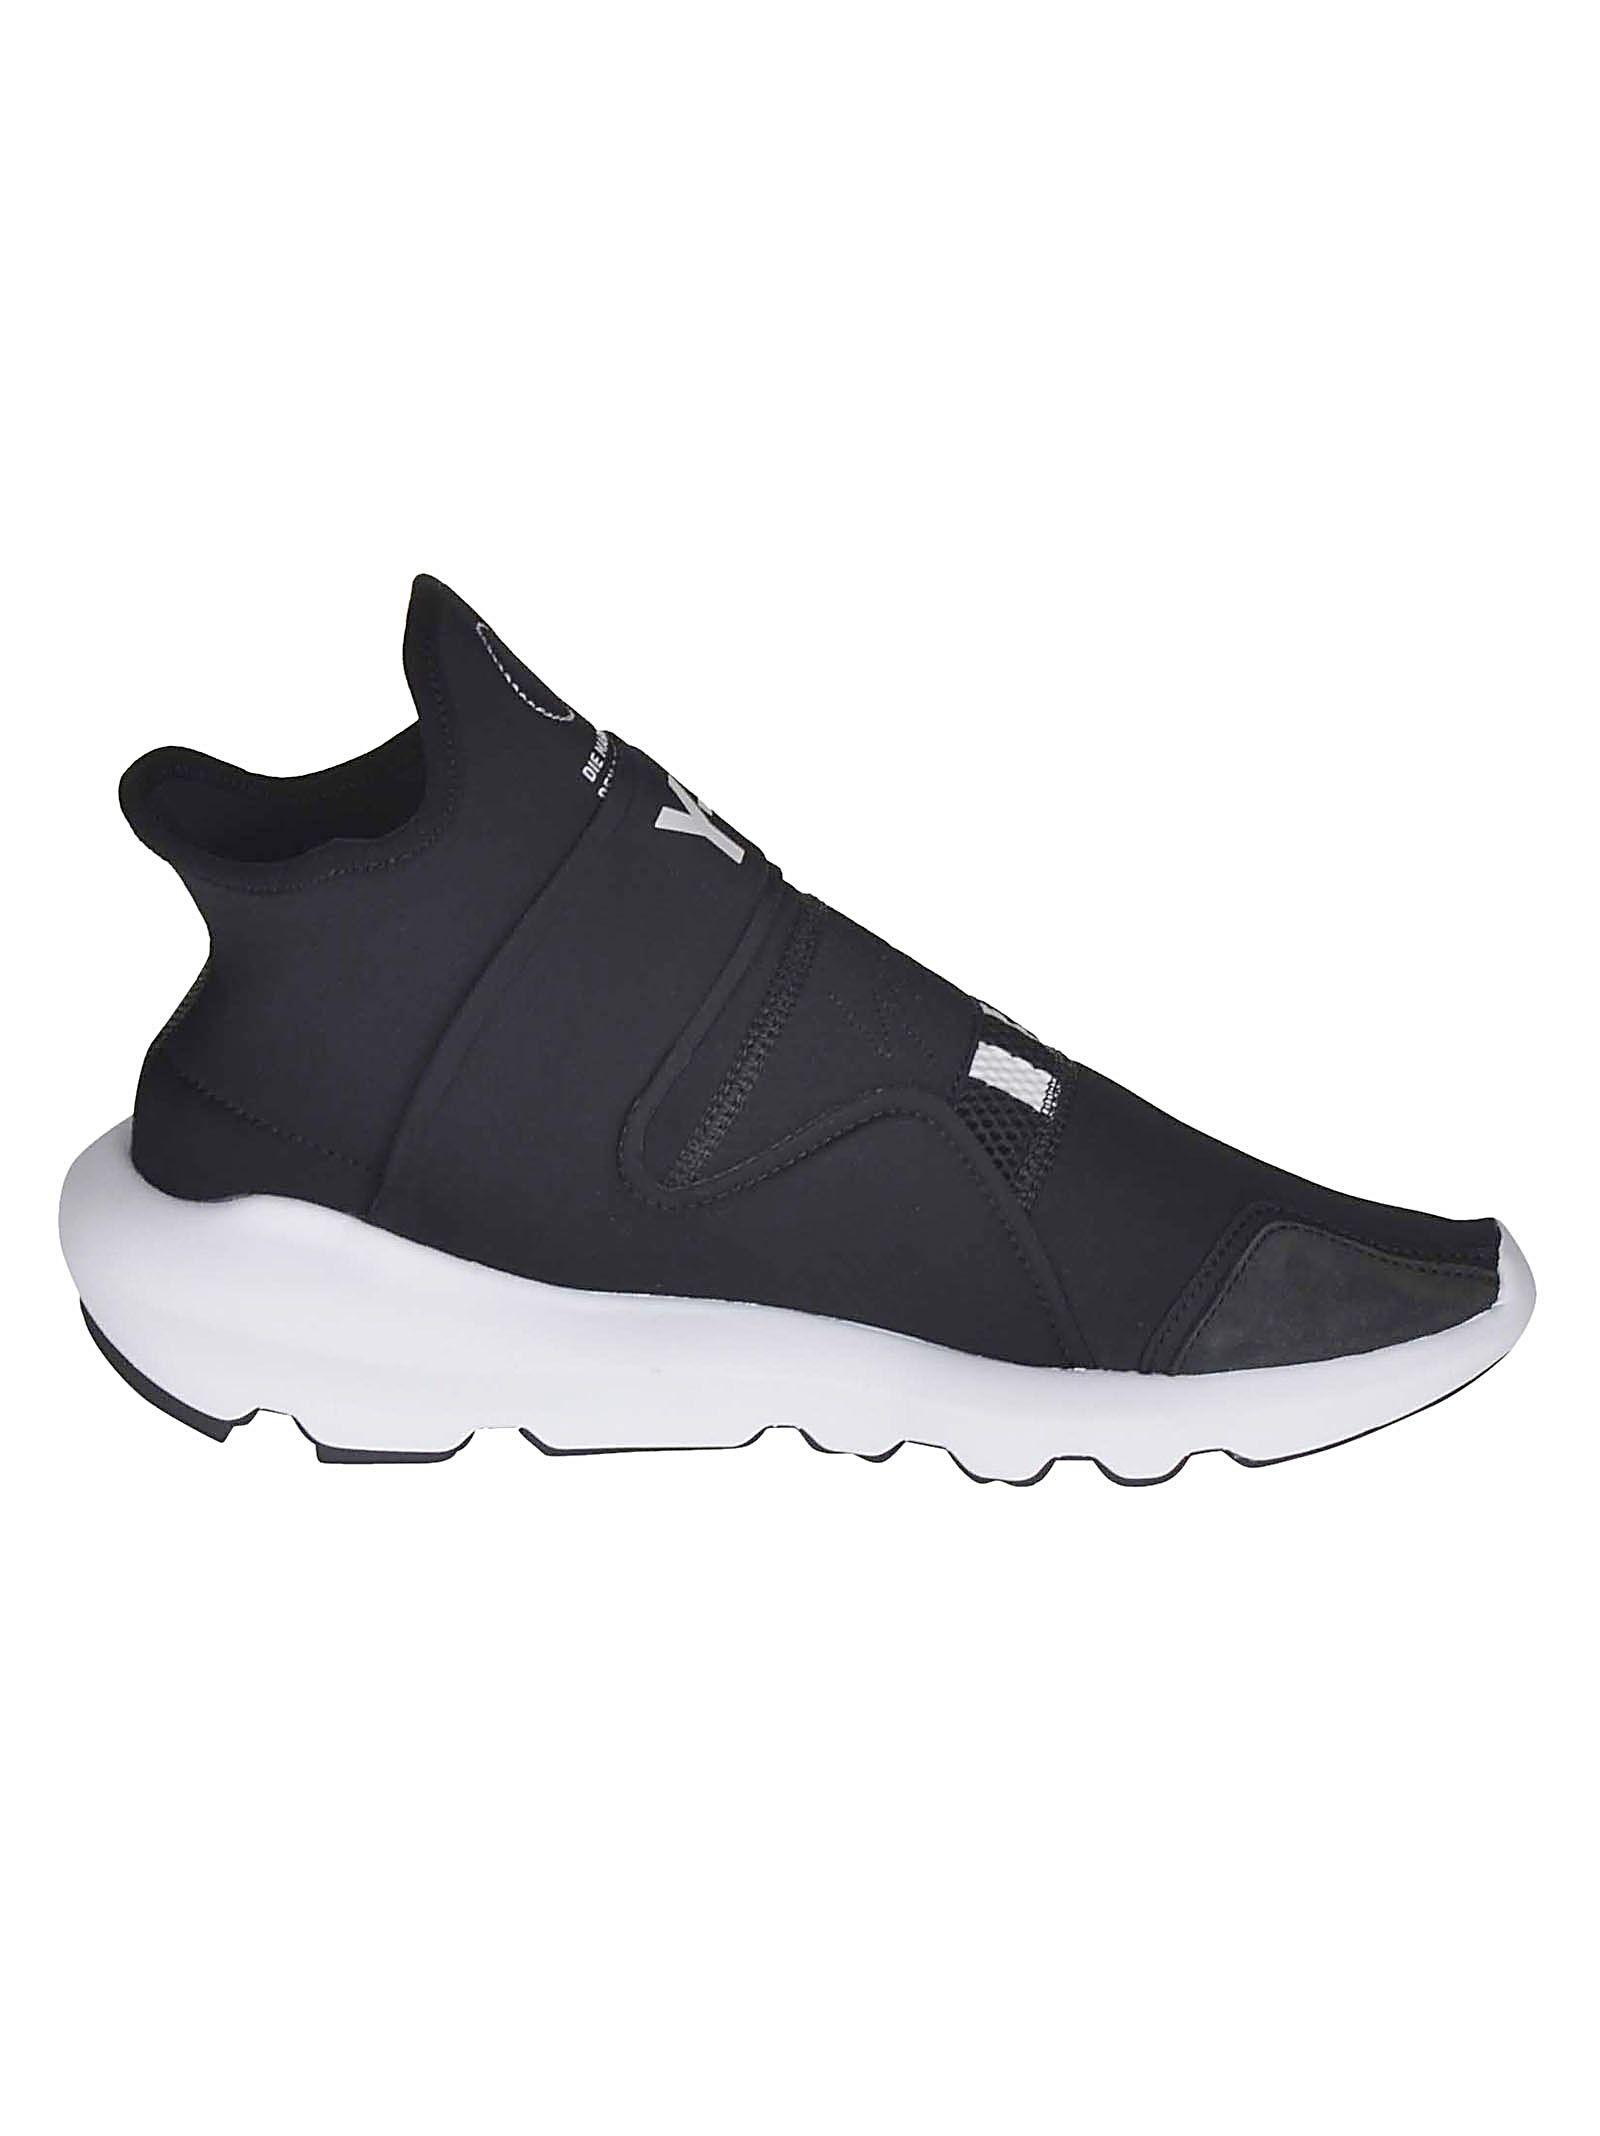 Y-3 Suberou Slip- On Sneakers